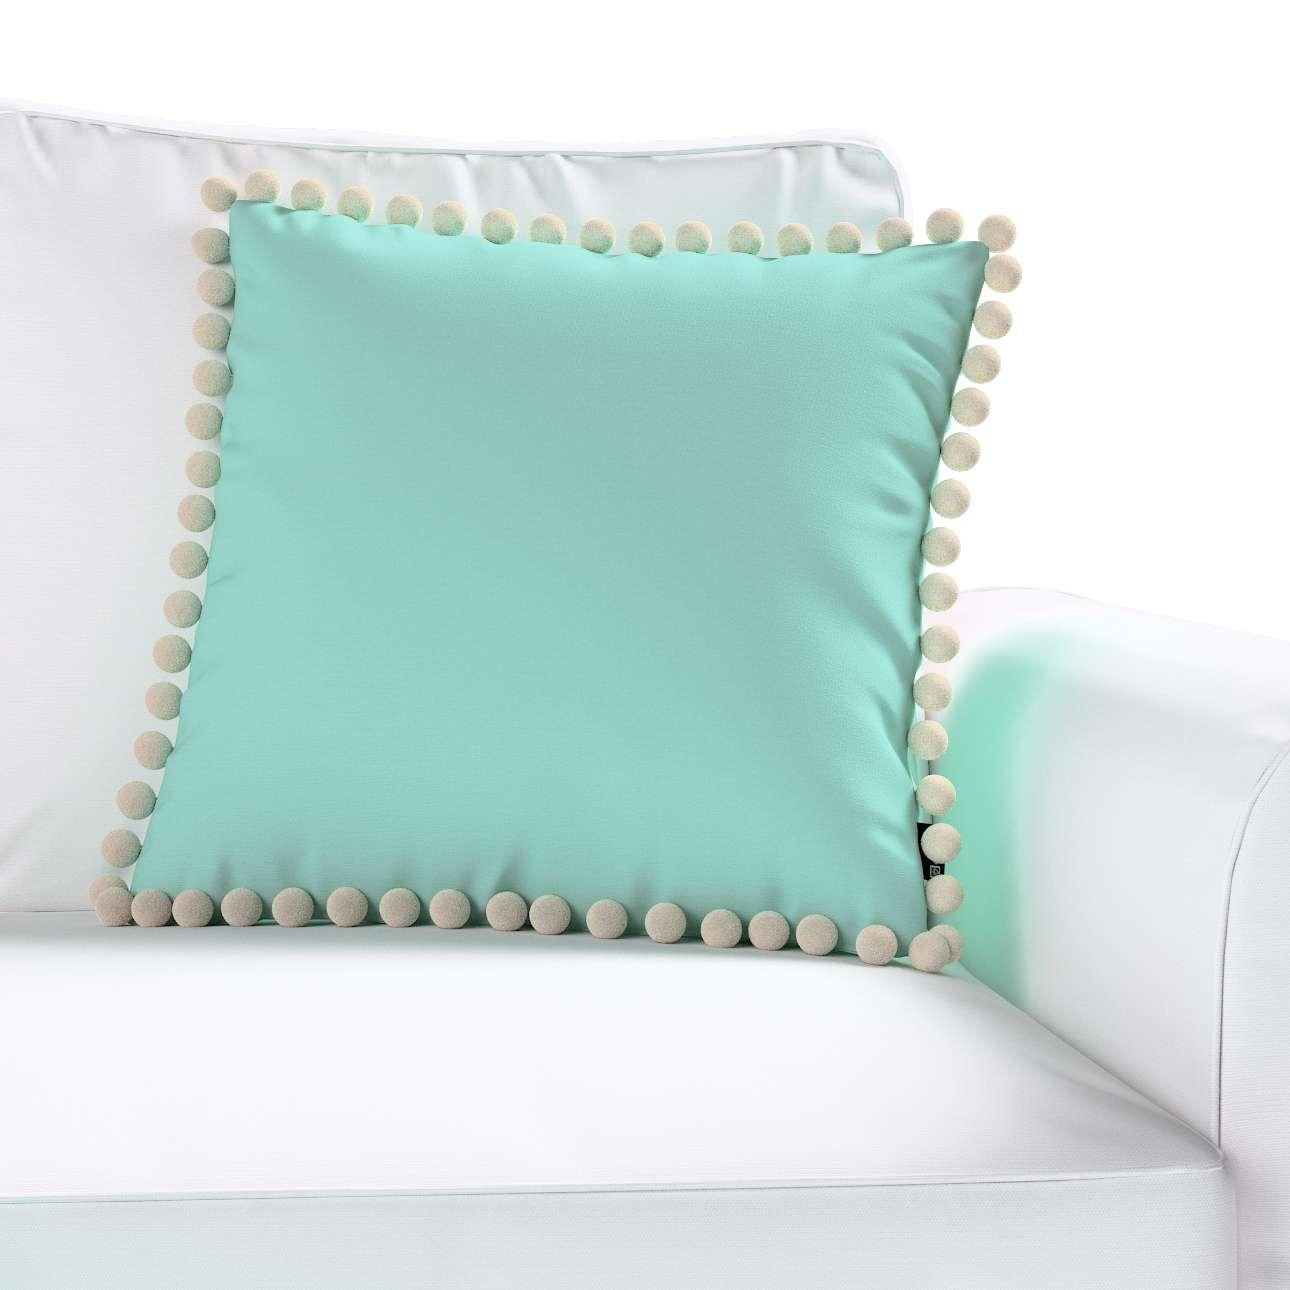 Poszewka Wera na poduszkę 45 x 45 cm w kolekcji Loneta, tkanina: 133-32